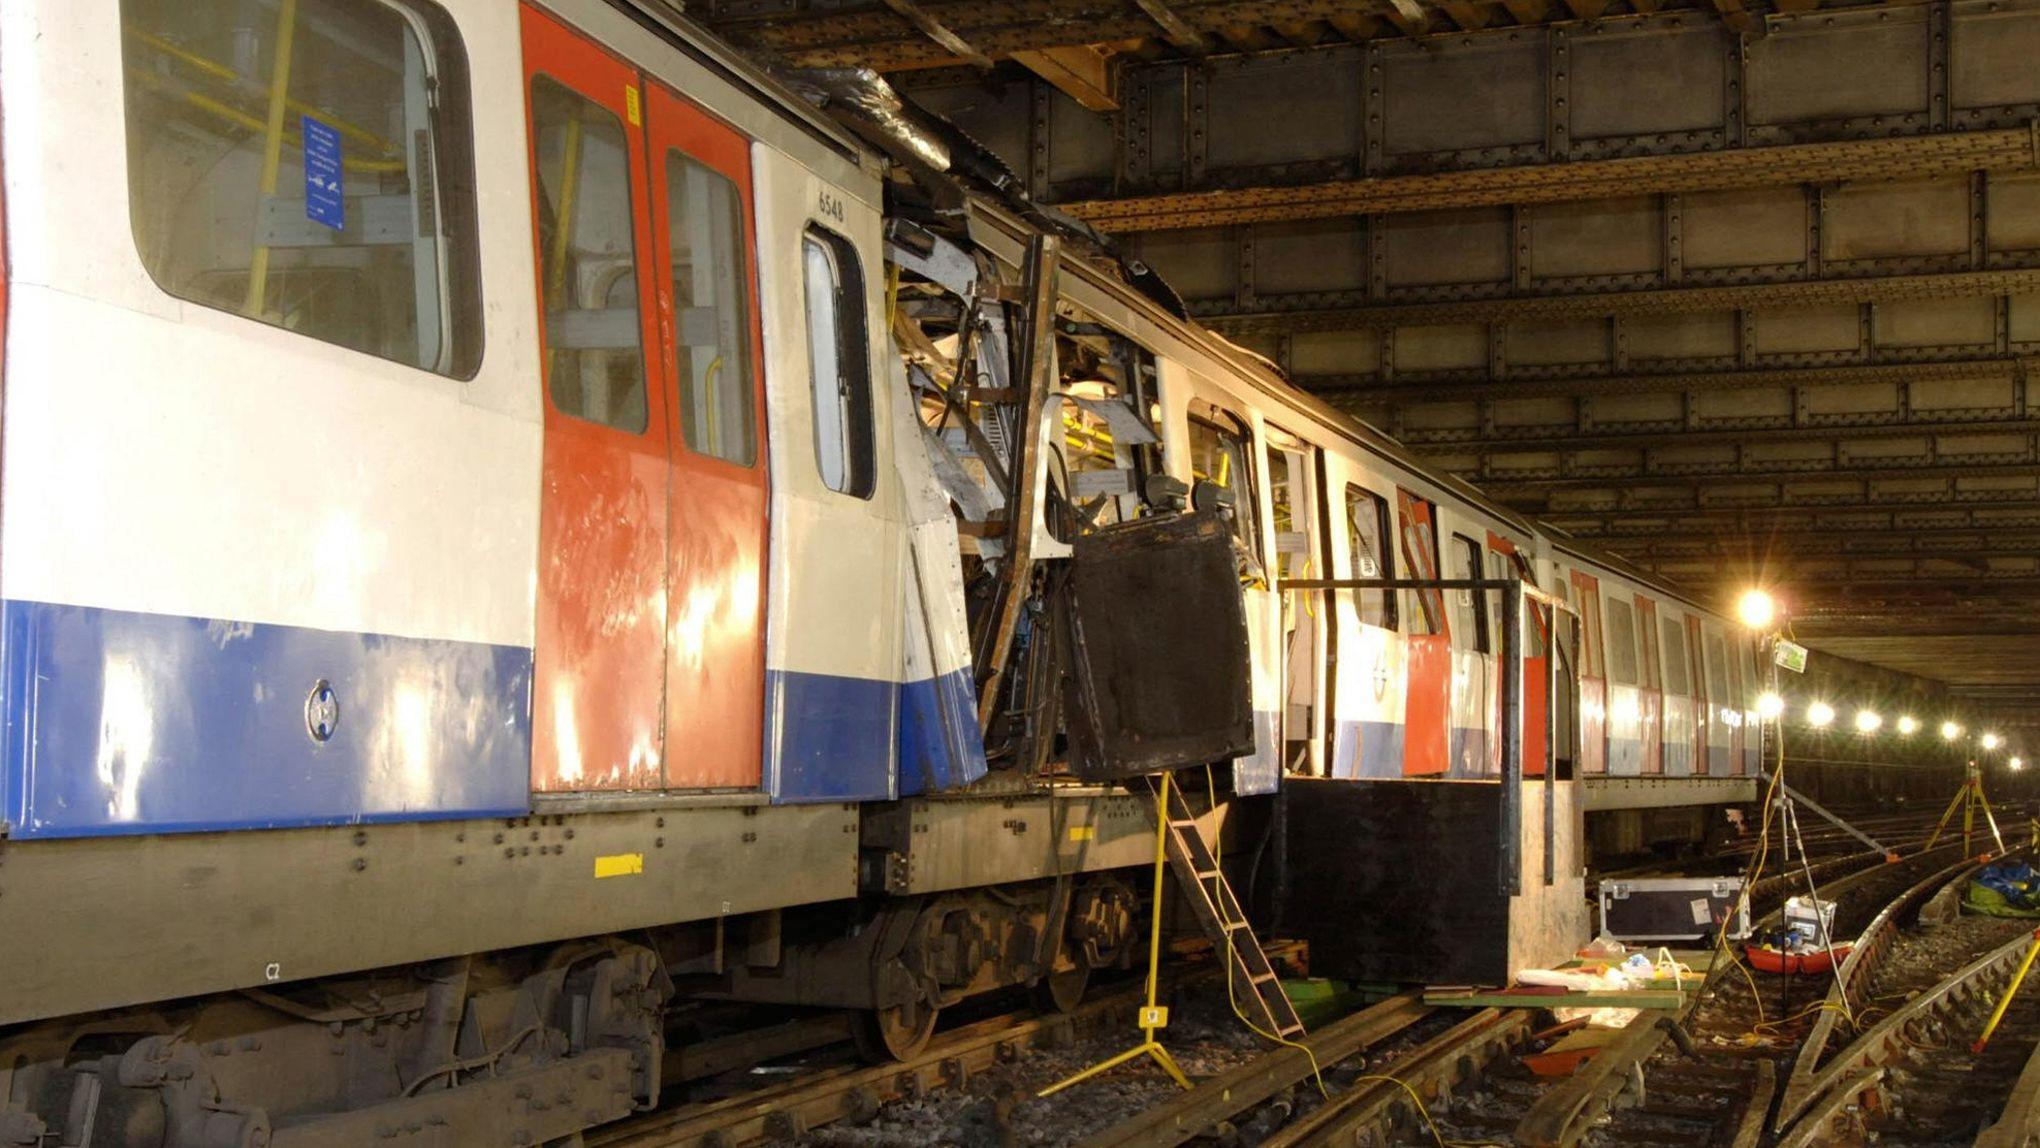 BRITAIN-ATTACKS-TRAIN